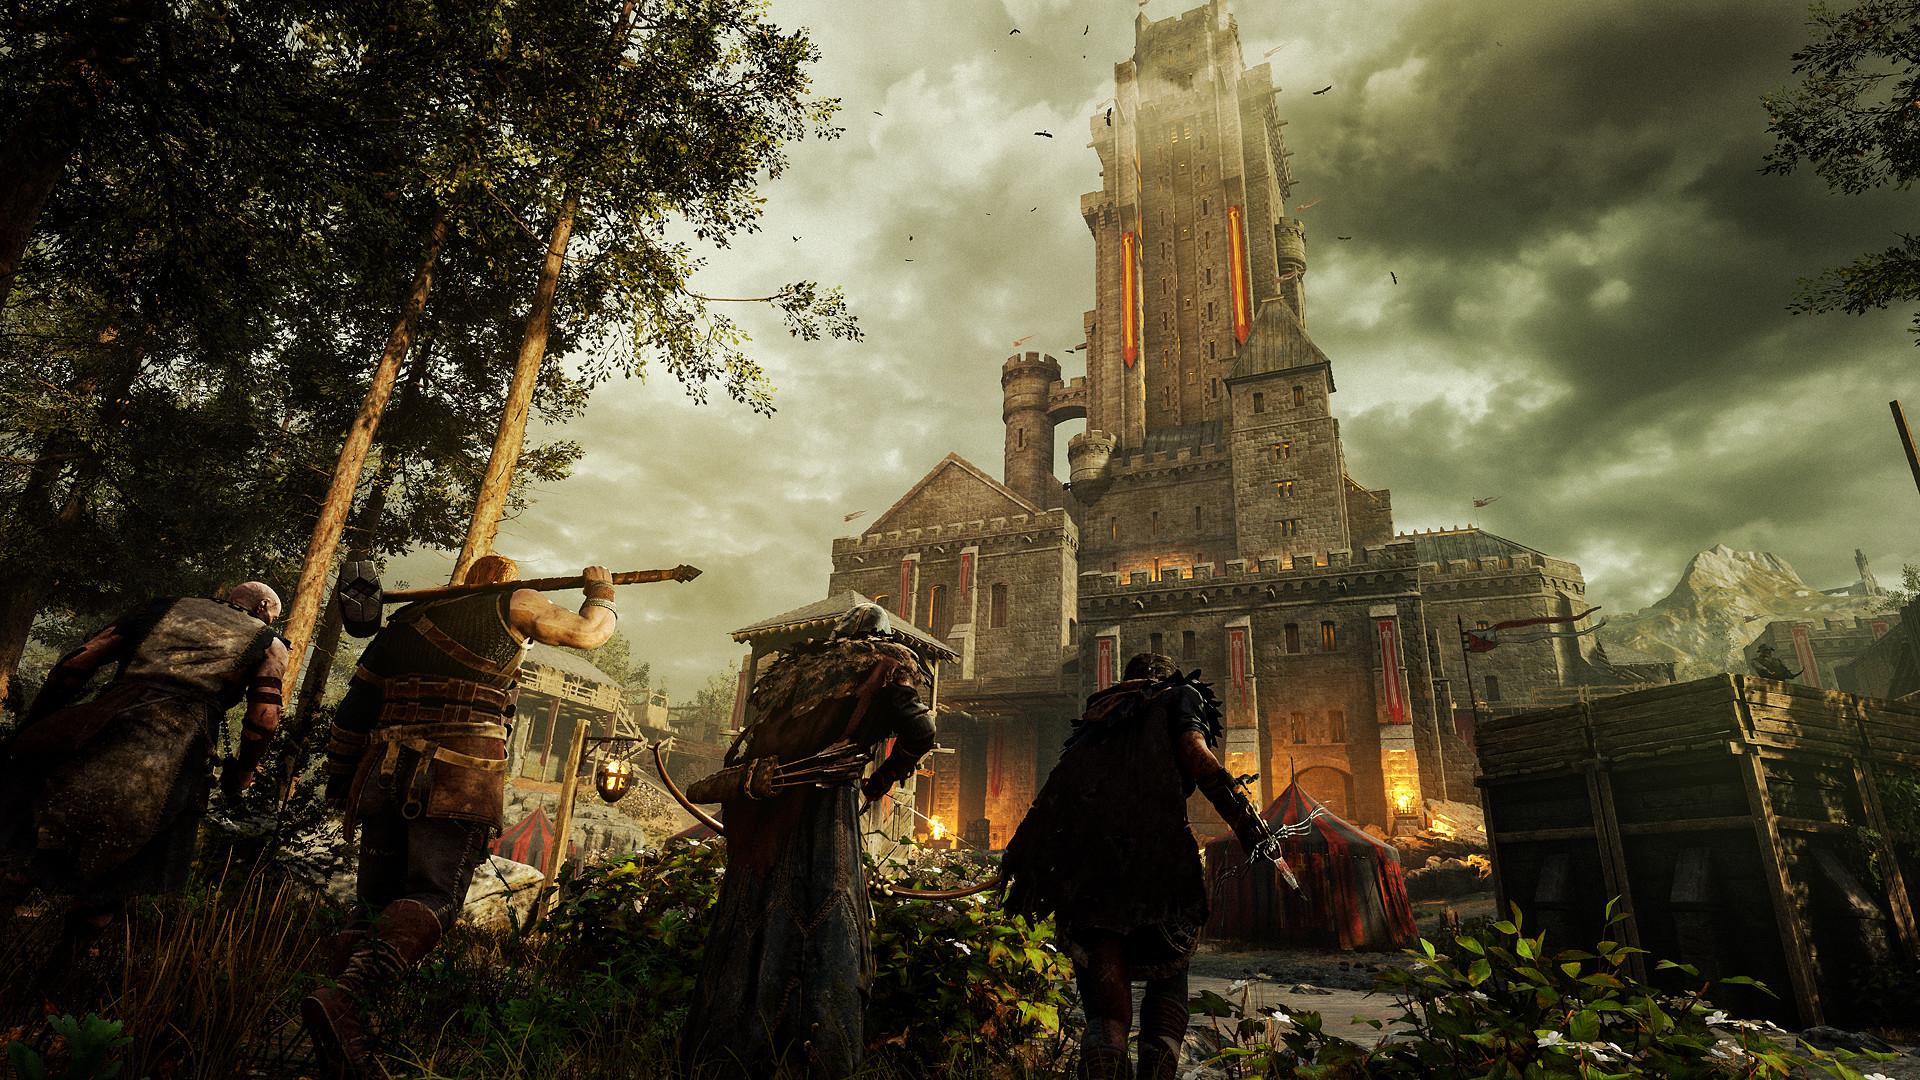 Видео: динамичные противостояния, взаимодействие между героями и дата релиза Hood: Outlaws & Legends